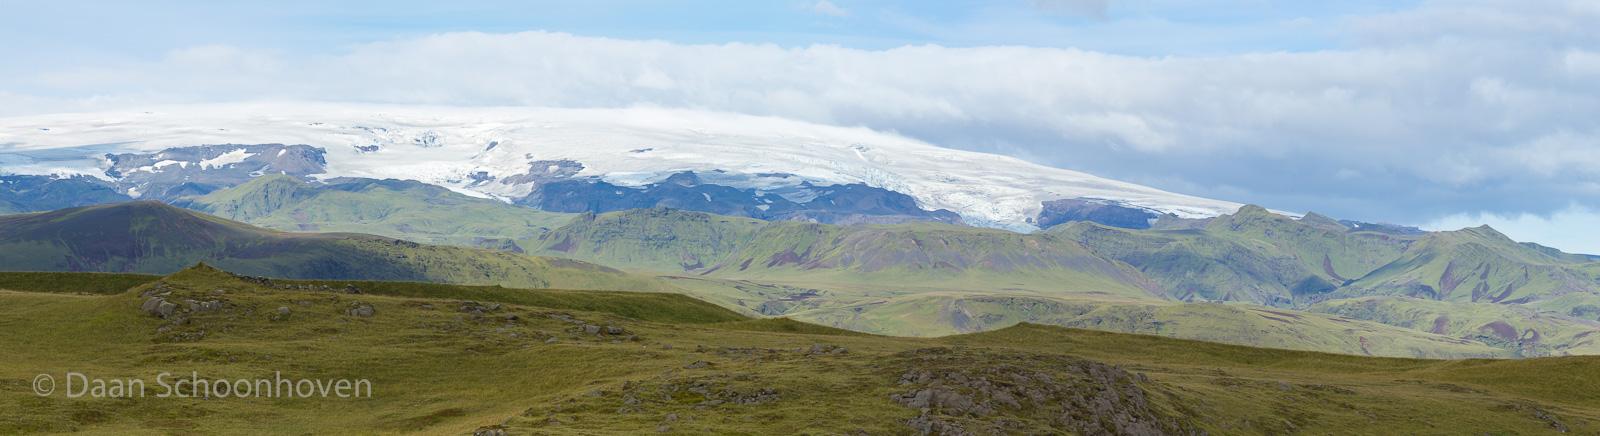 IJsland_selectie_Daan Schoonhoven20150915-_MGL0031-Pano